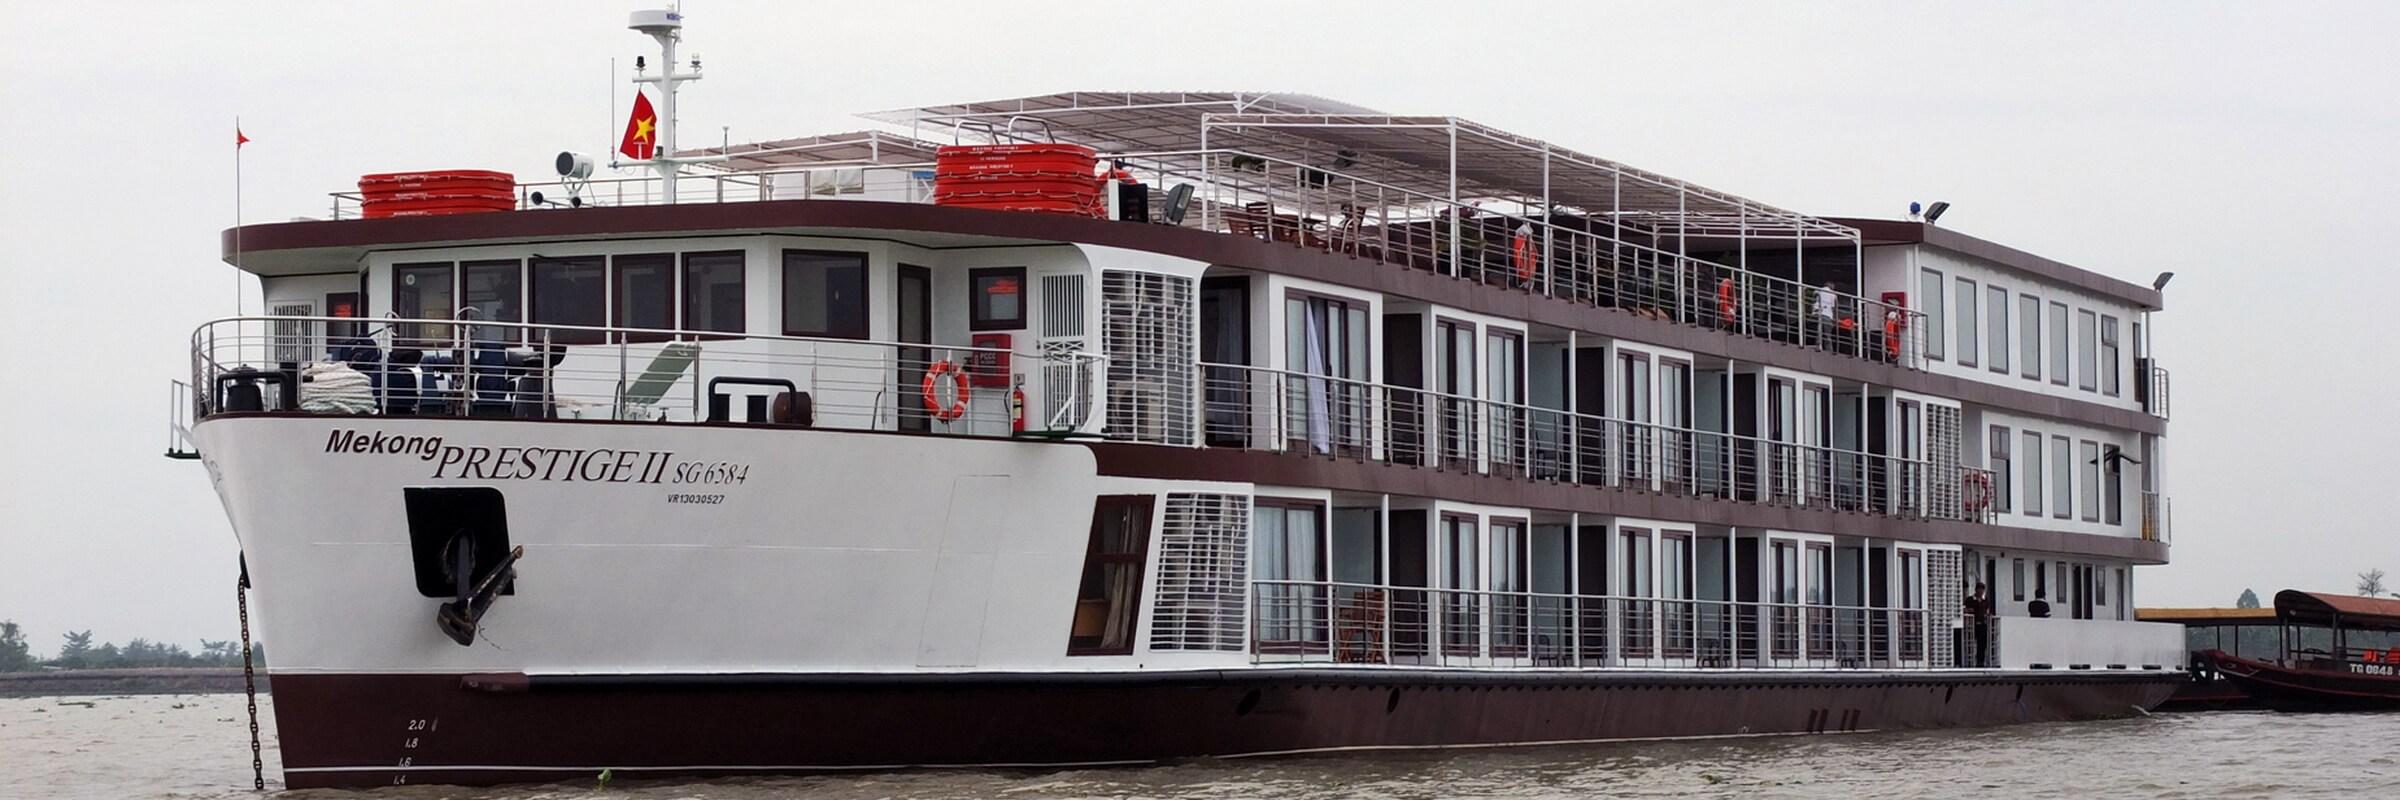 Auf der Mekong Prestige können eine herrliche Flusskreuzfahrt zwischen Vietnam und Kambodscha in luxuriösen Ambiente genießen.